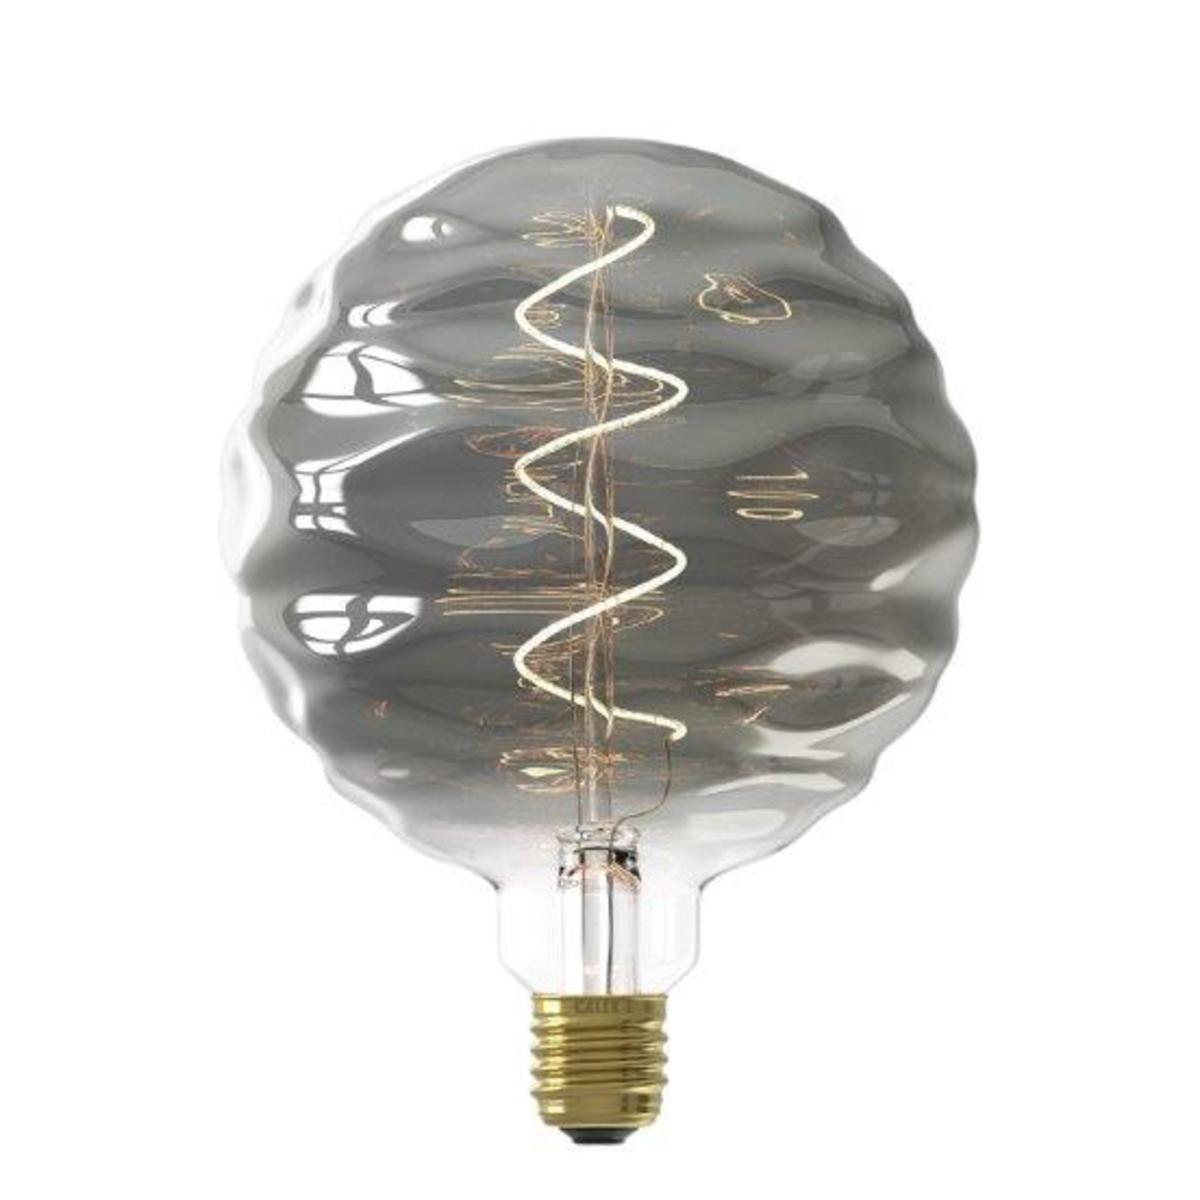 Ampoule filament décorative en verre fumé